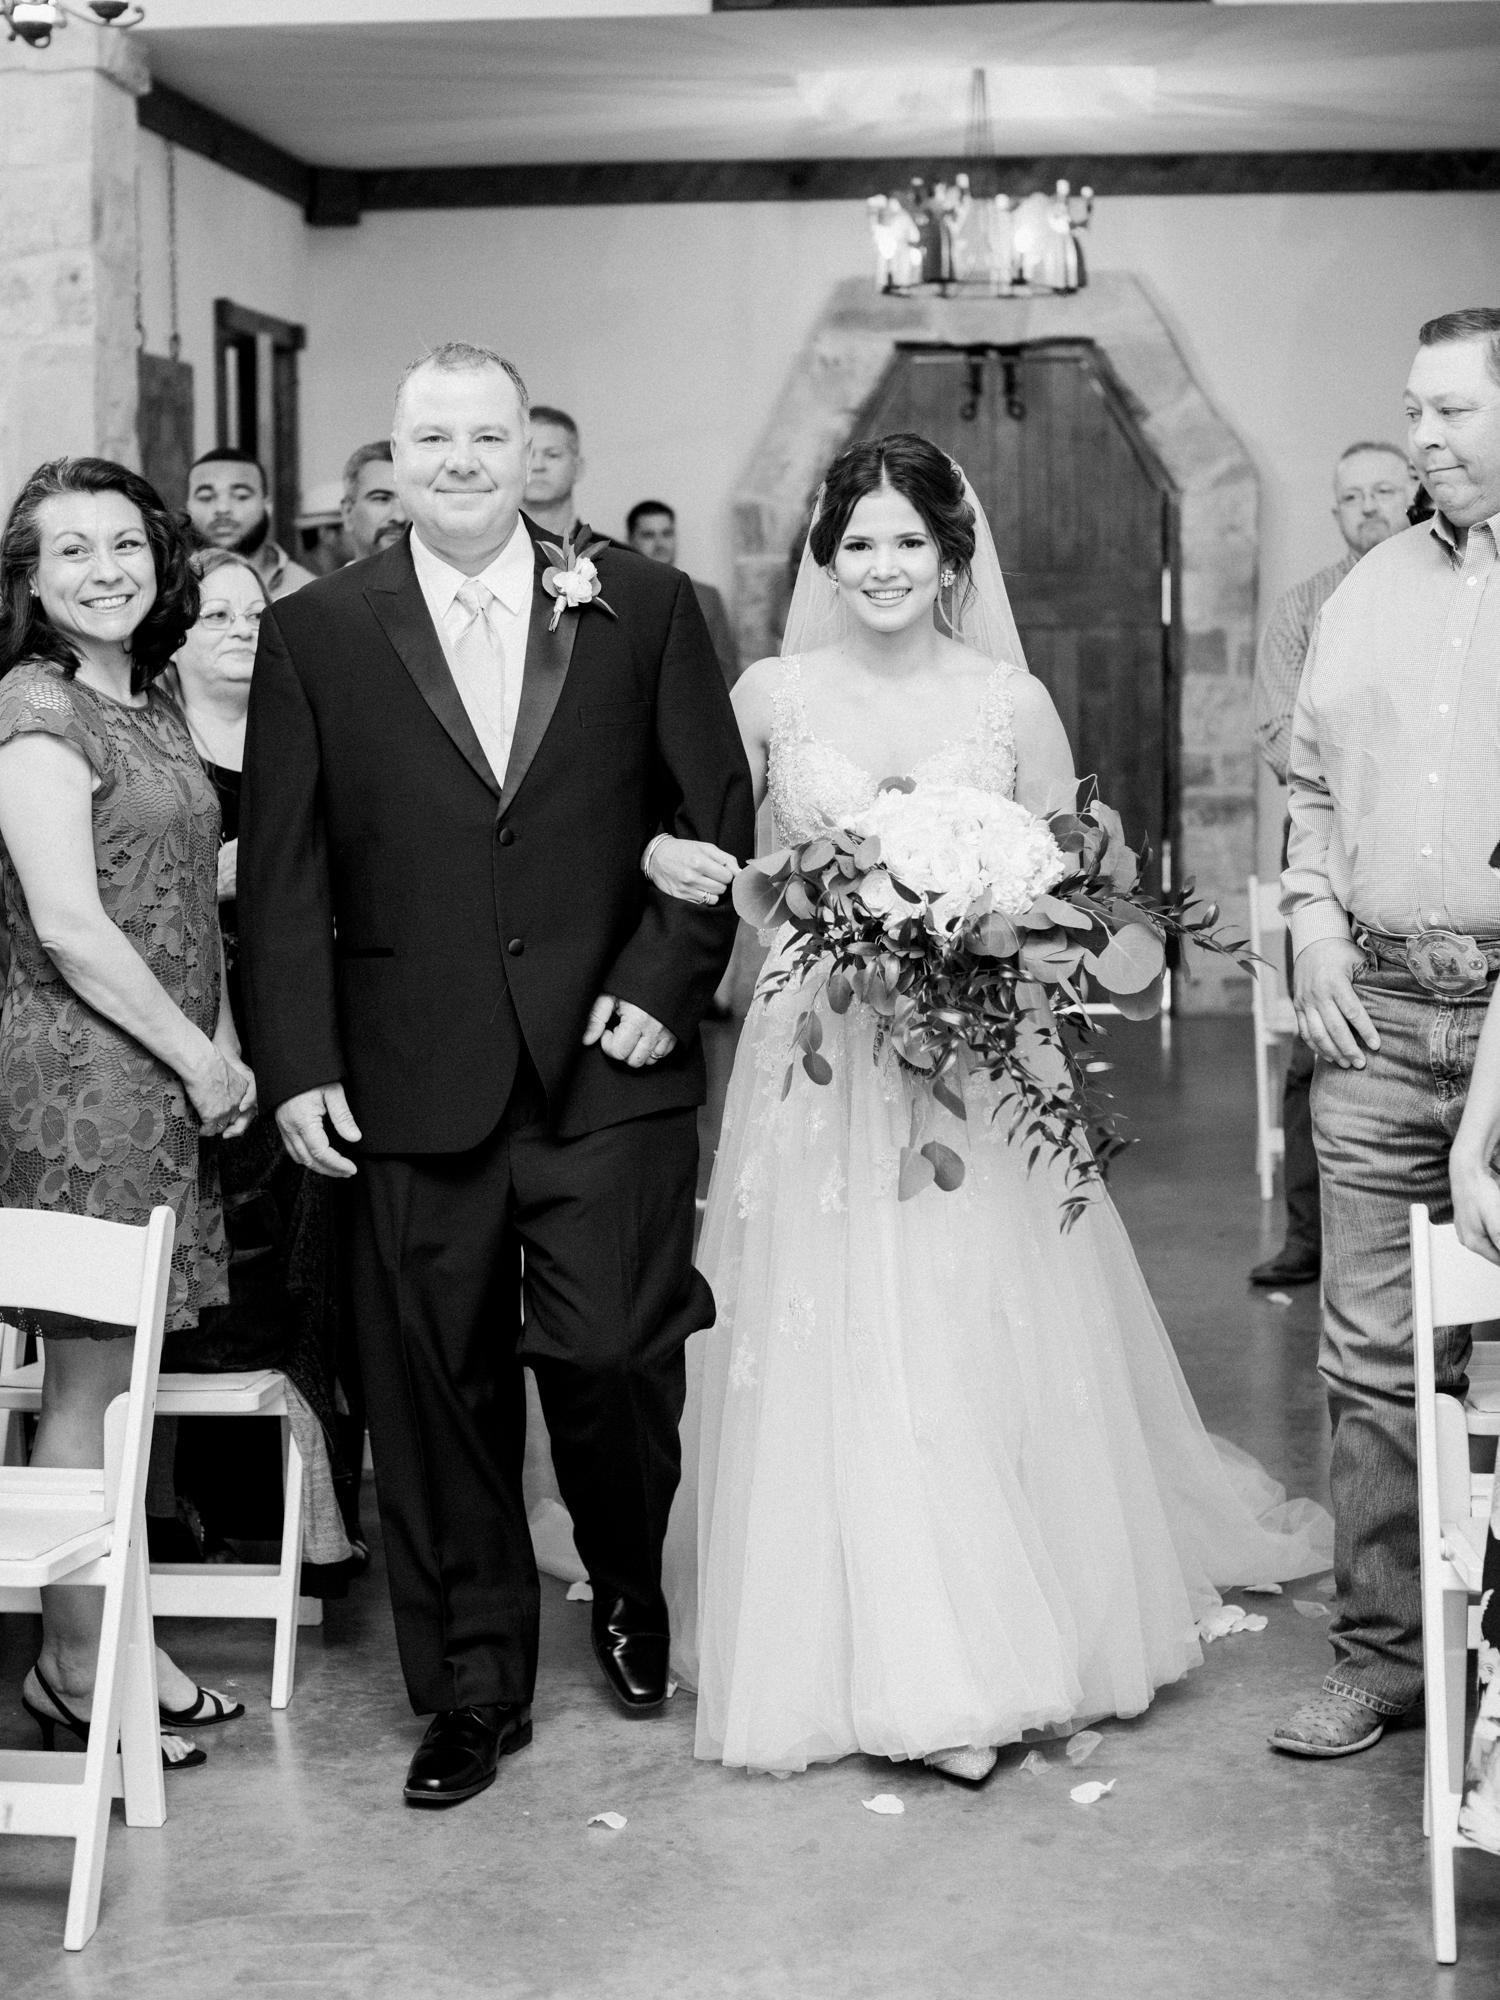 Elegant Spring Vineyard Wedding | Film Wedding Photographer | Austin Wedding Photographer | Father Walking Bride Down Aisle | Britni Dean Photography // britnidean.com